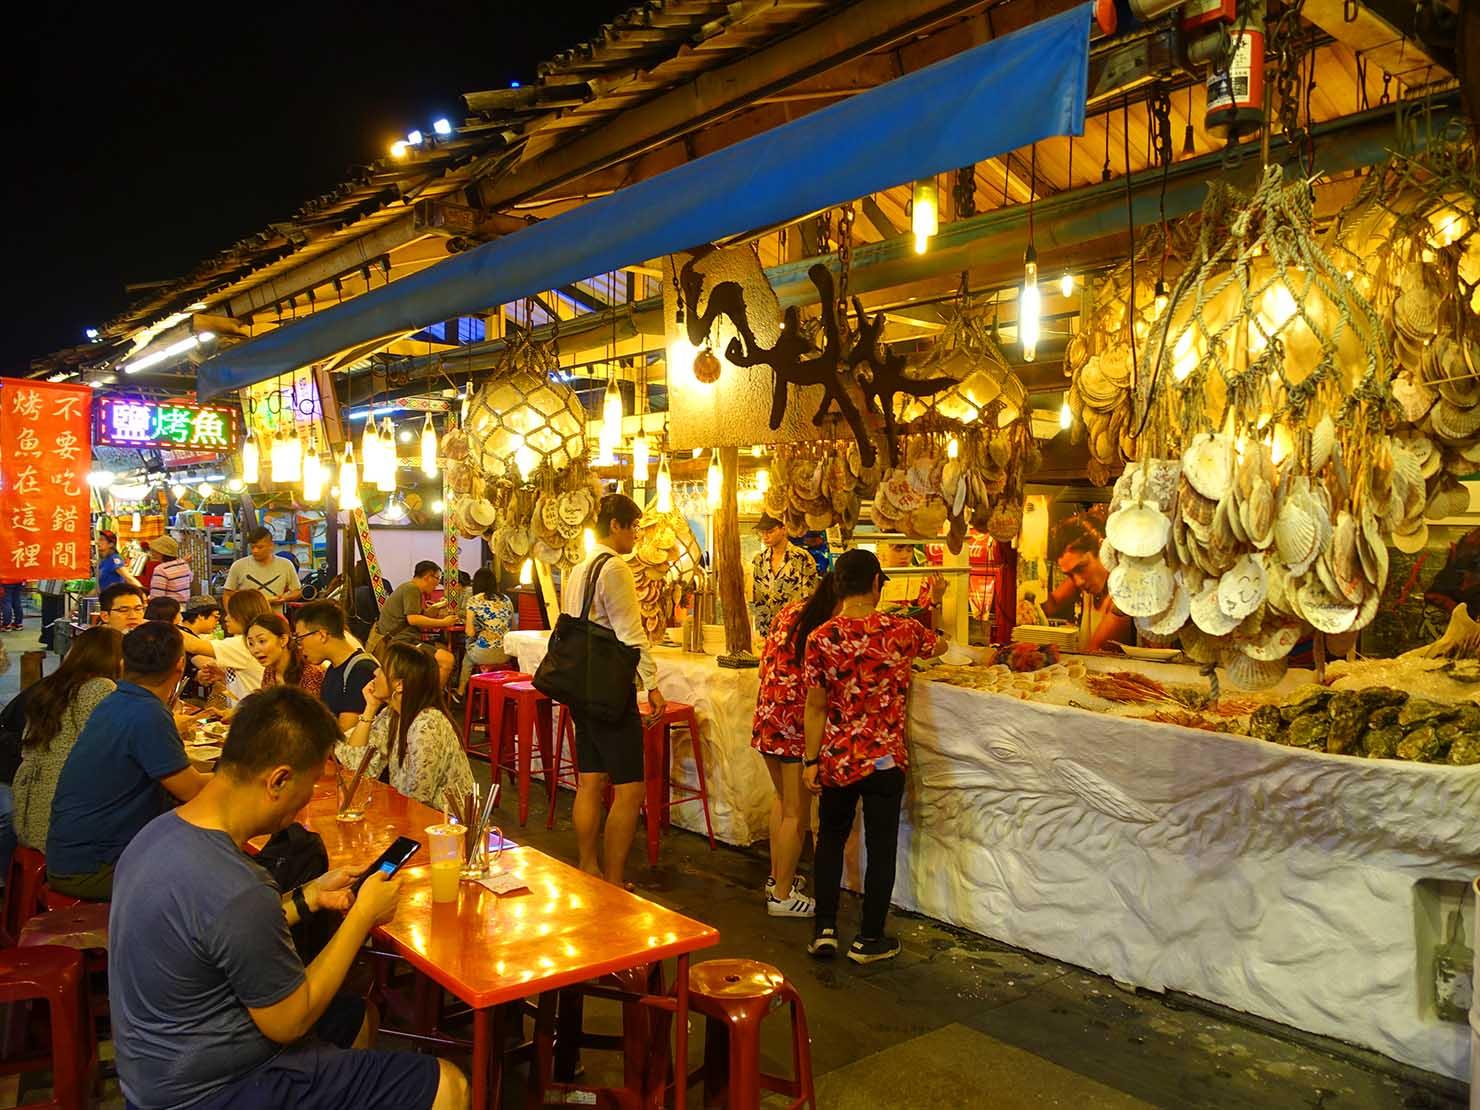 台湾・花蓮のおすすめ観光スポット「東大門夜市」の海鮮焼き屋台